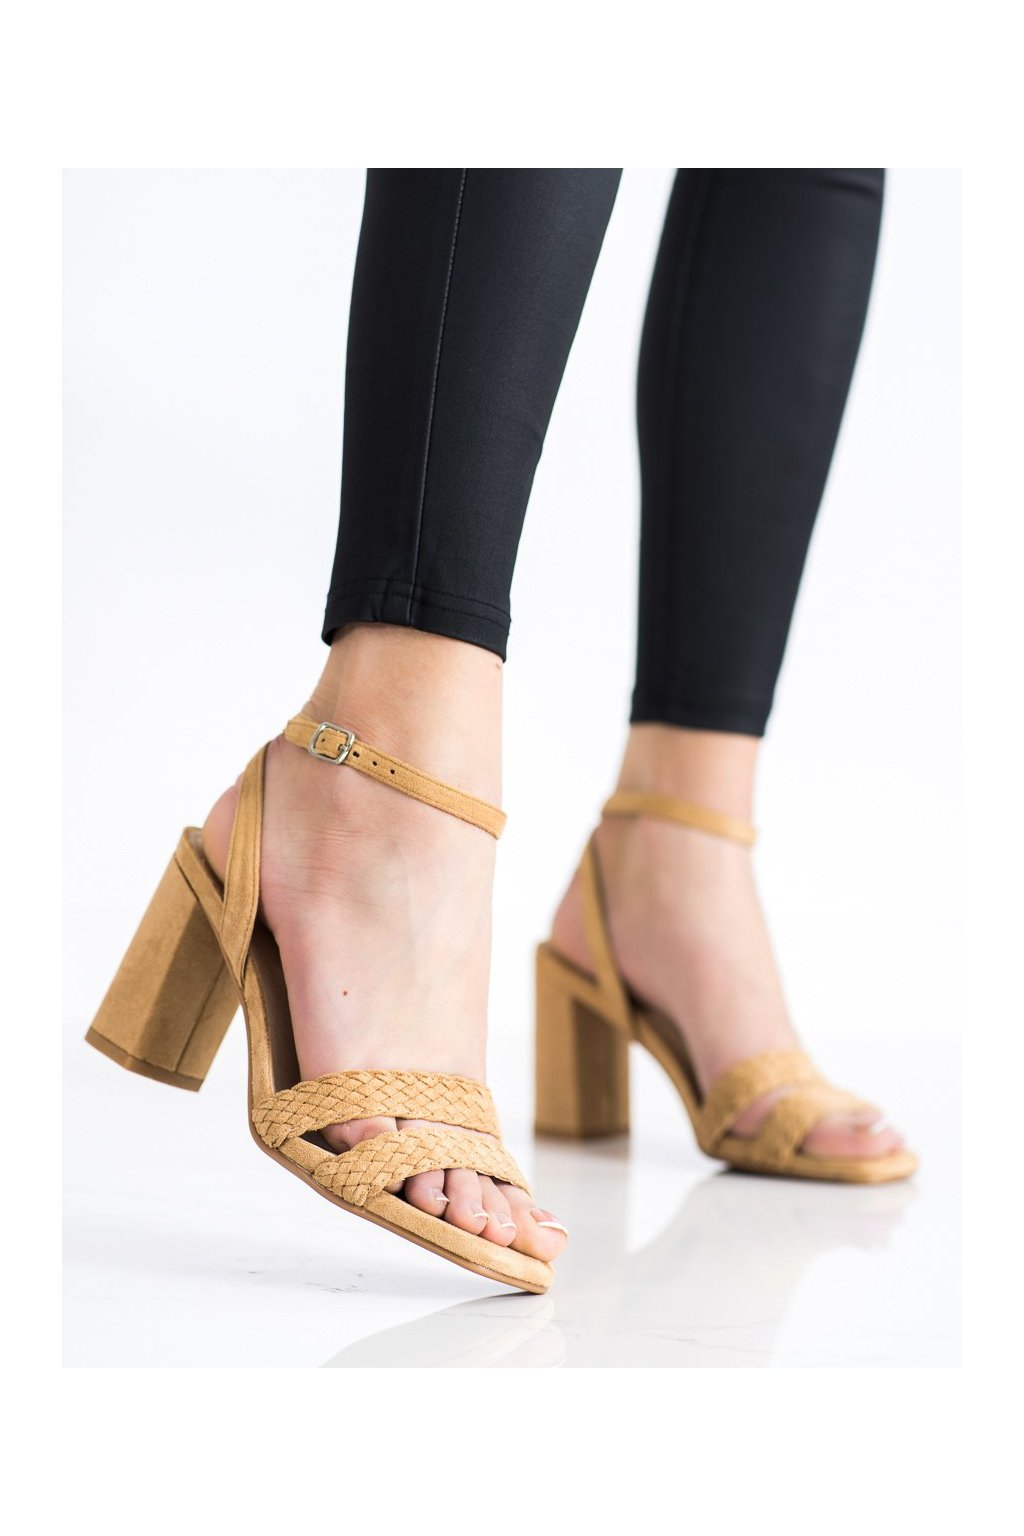 Hnedé sandále Kylie kod K2012501T